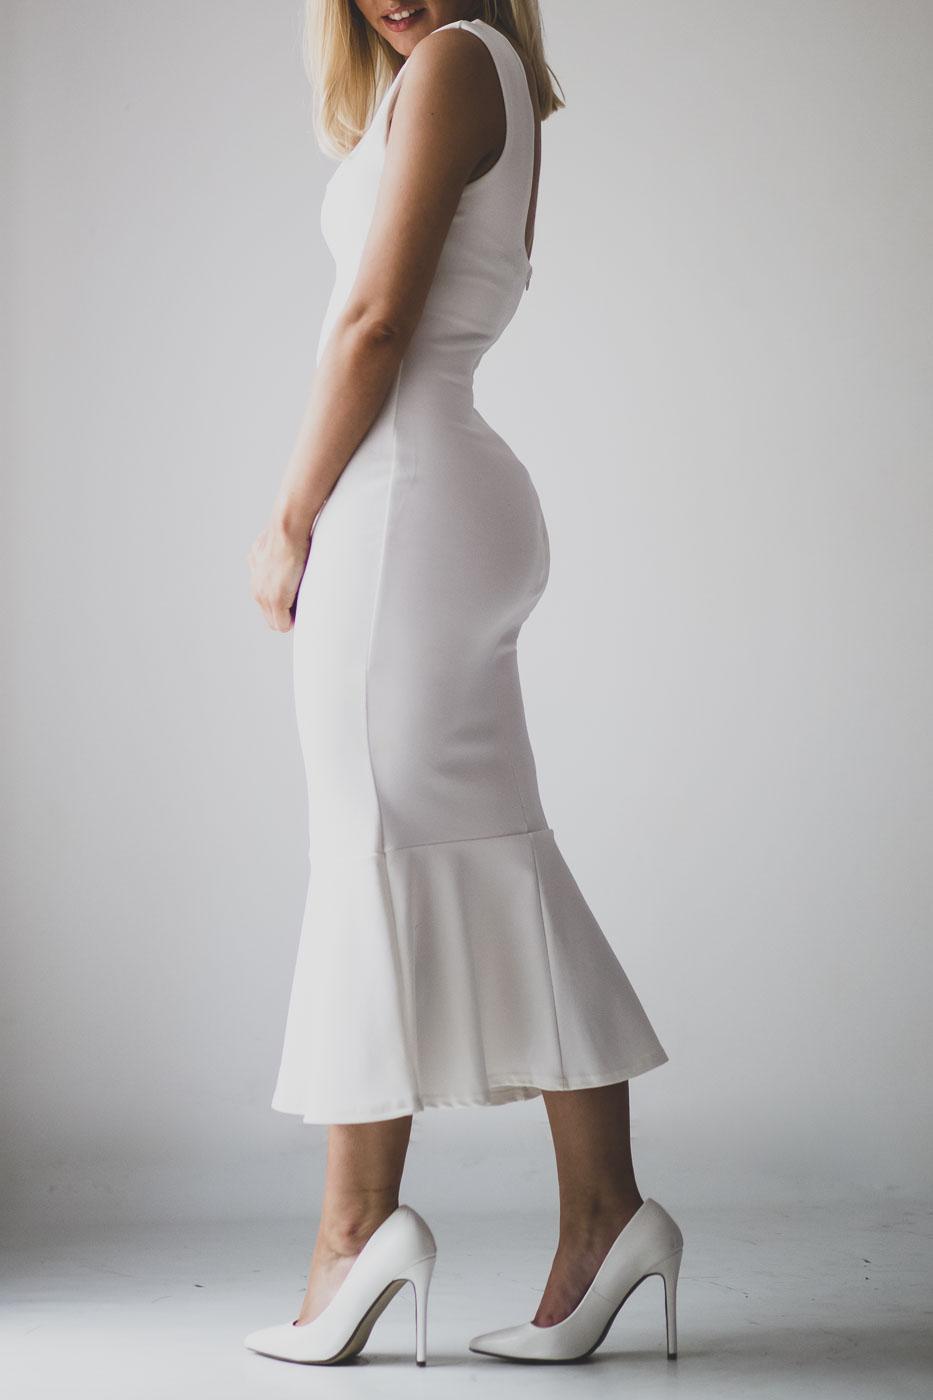 Lara from Aspire Models